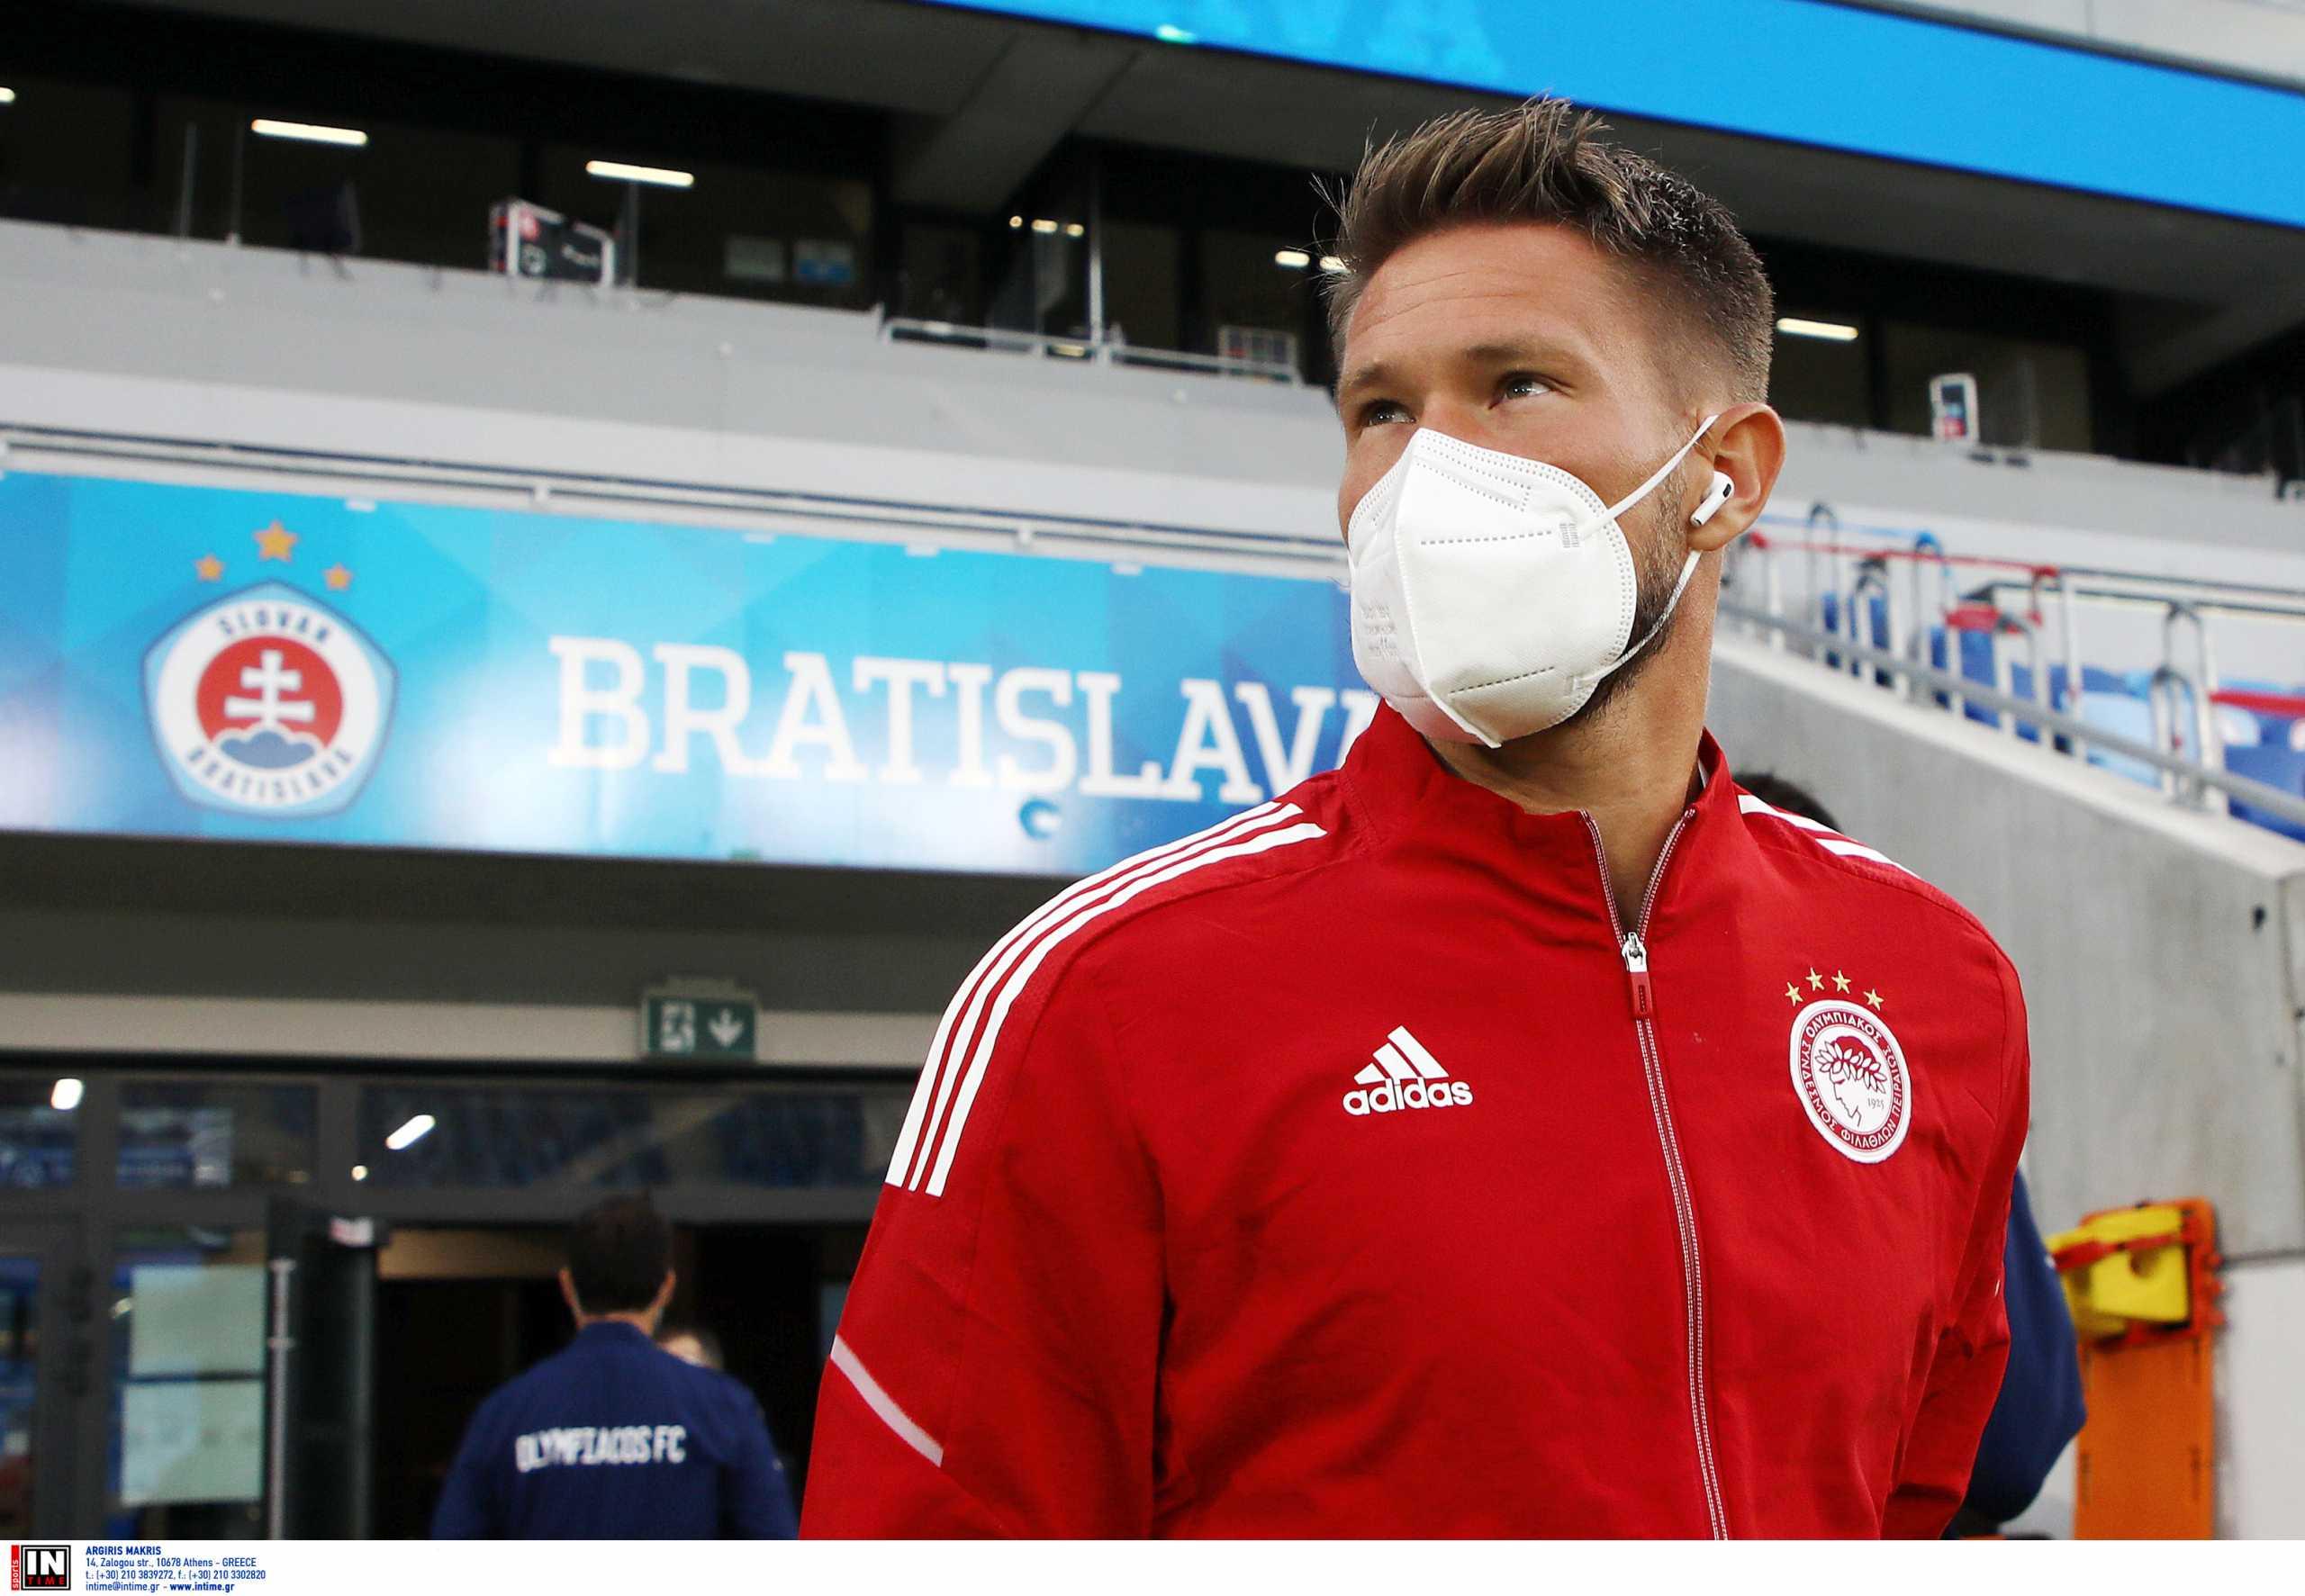 Βάτσλικ: «Ήθελα να παίξω στα προκριματικά του Champions League, ο προπονητής ήξερε καλύτερα»